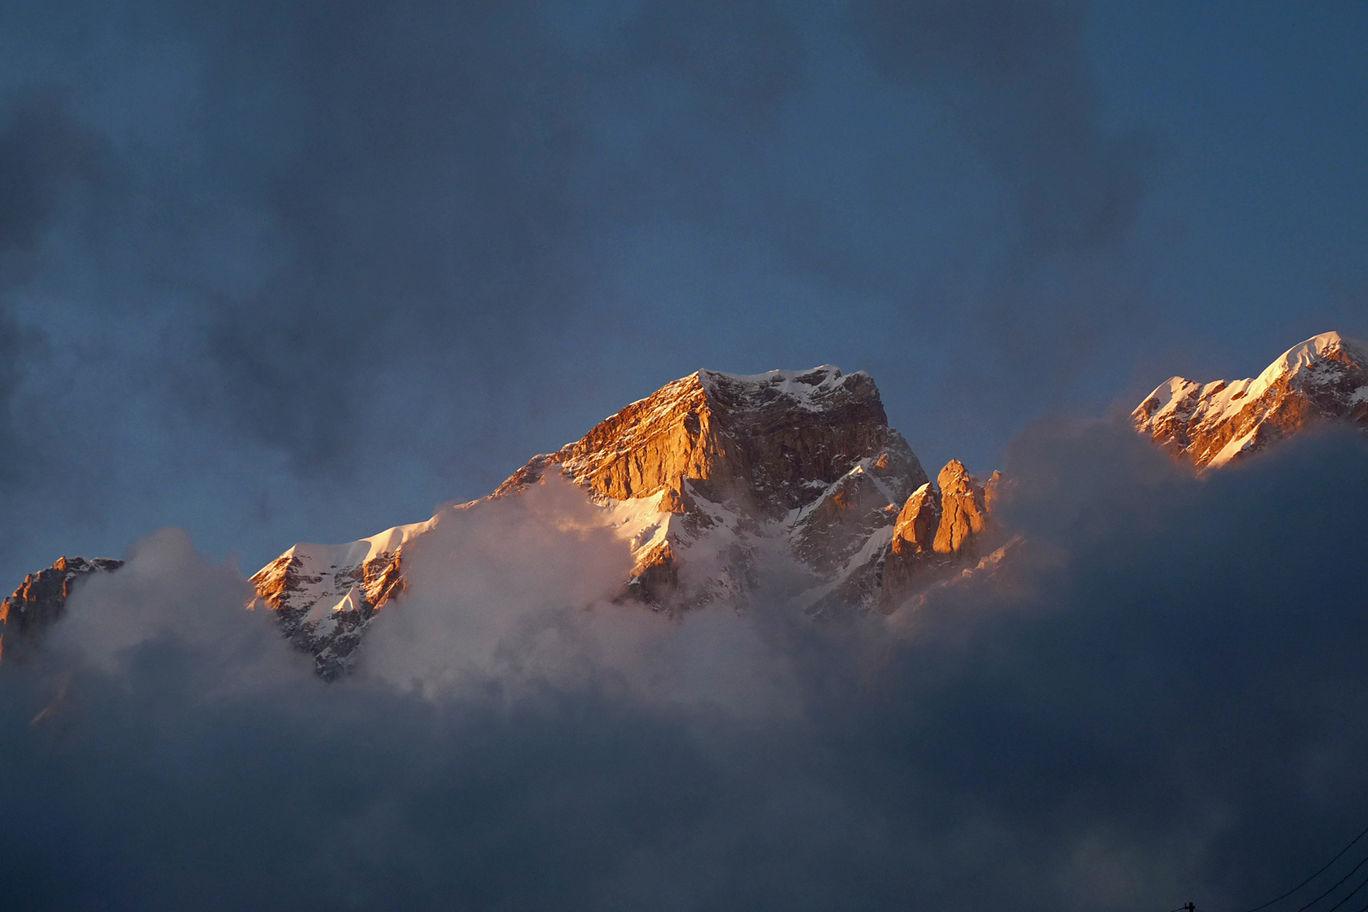 Photo of Kedarnath By Sourangshu Gupta